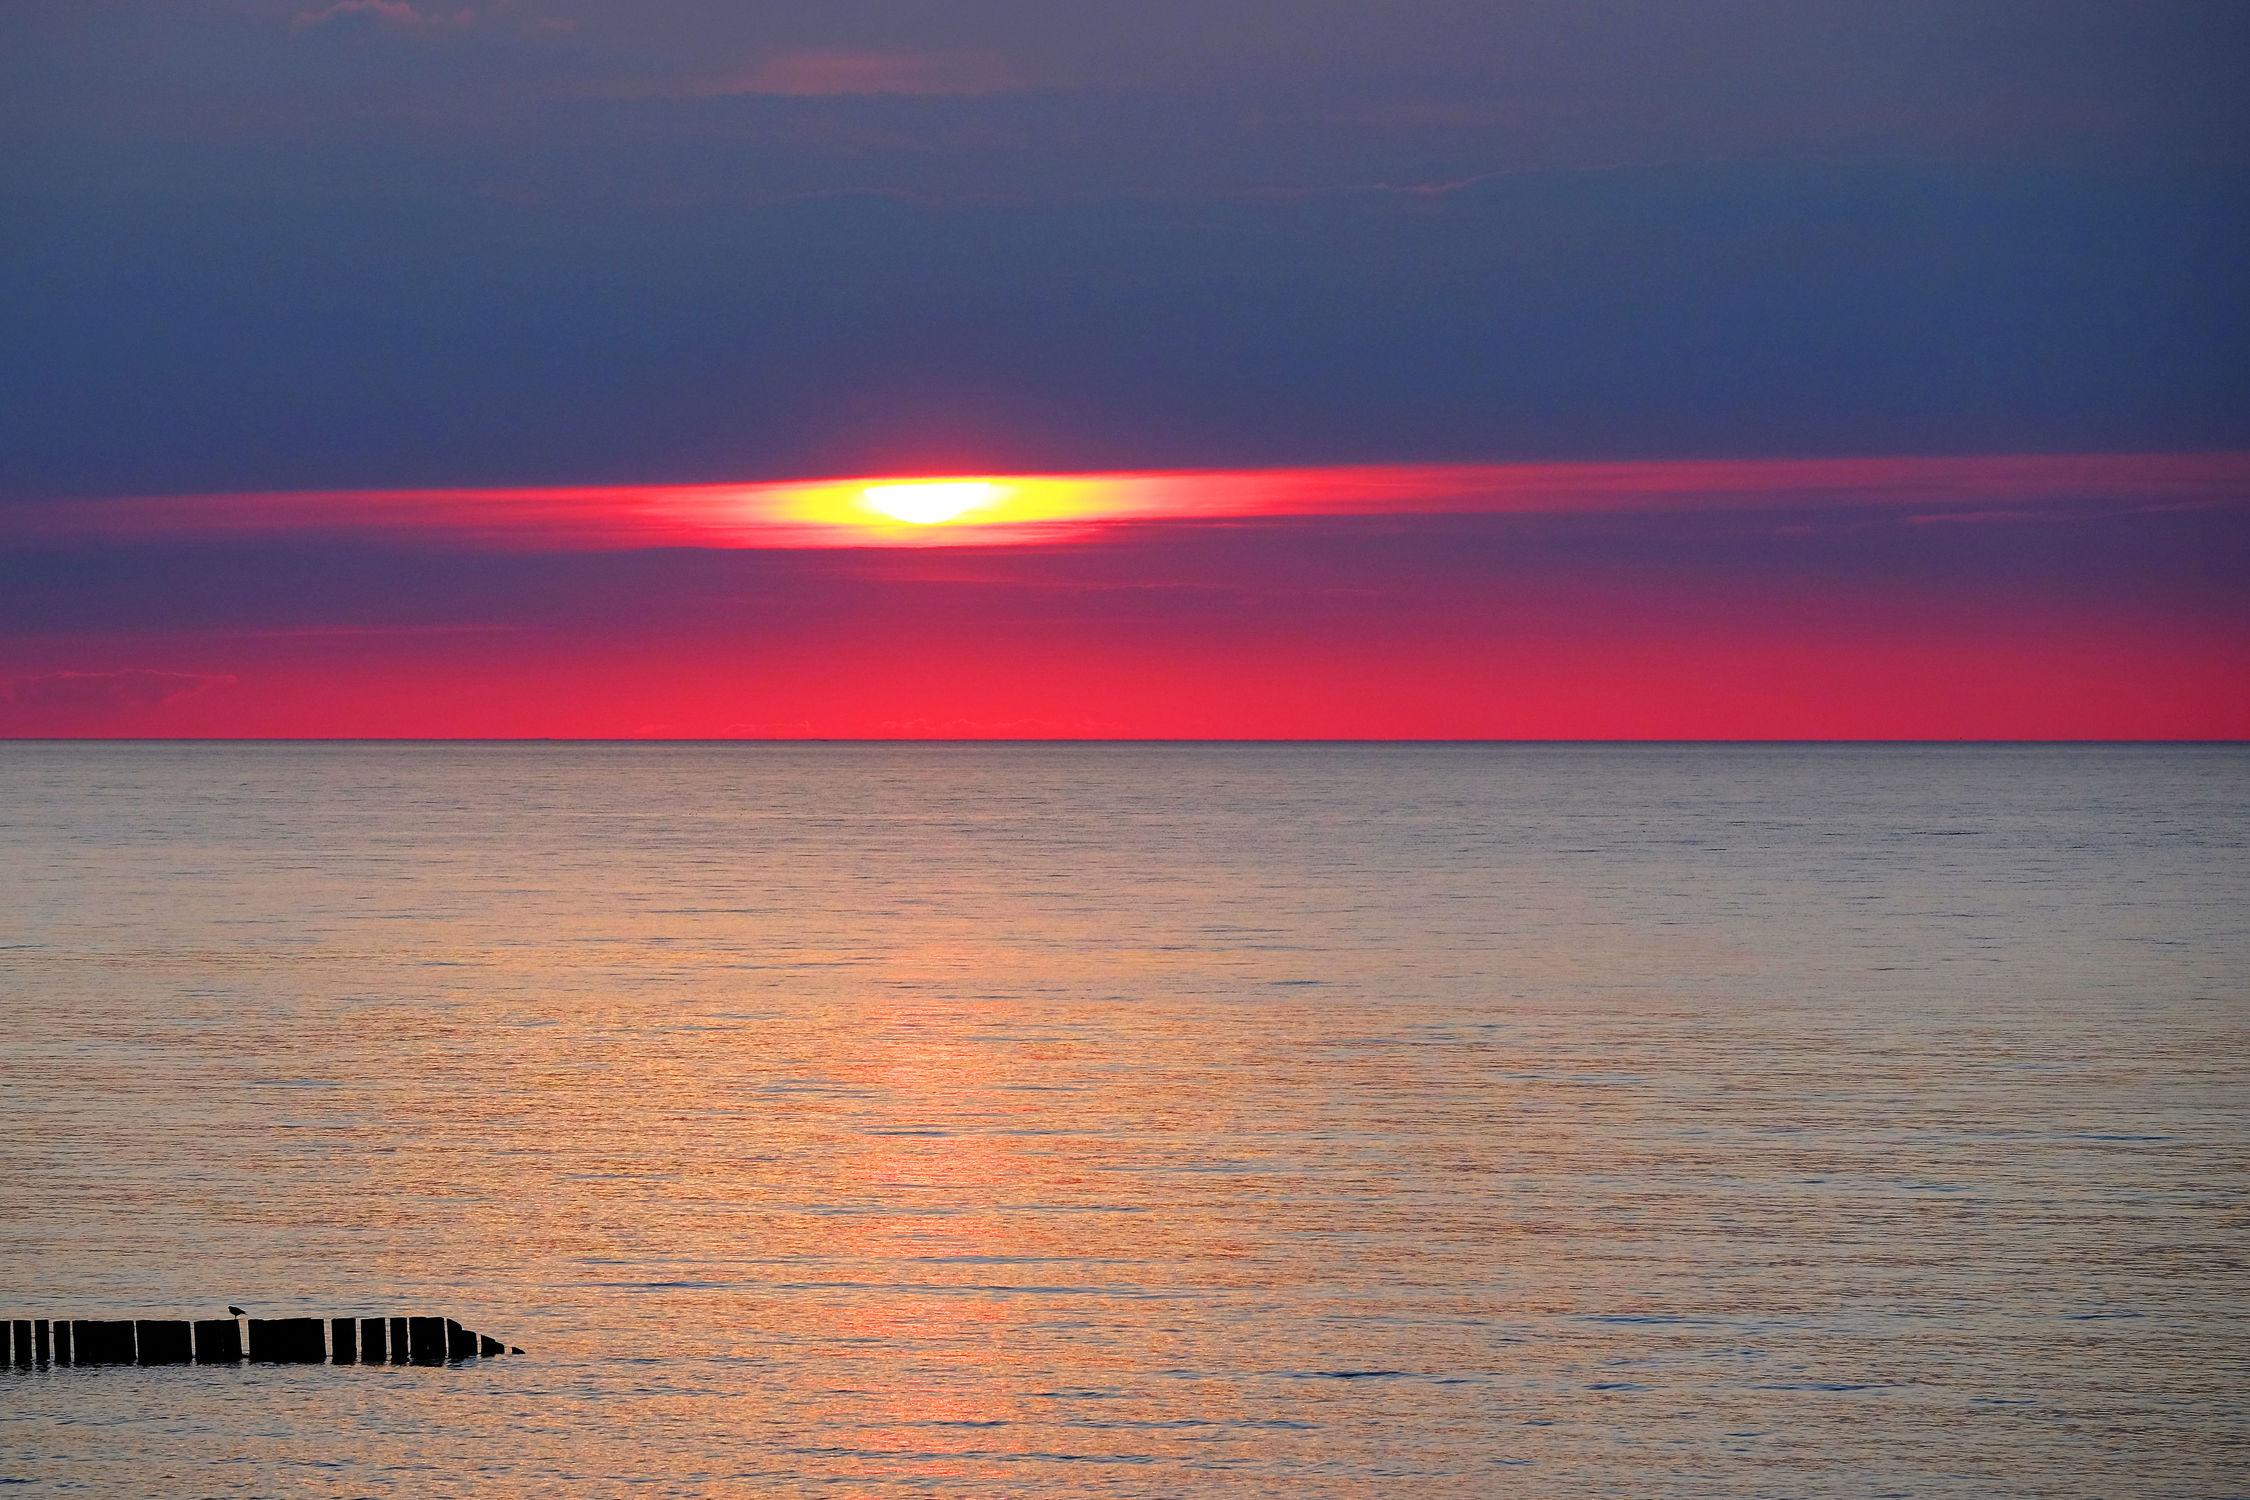 Bild mit Wolken, Rot, Urlaub, Blau, Sonne, Sonne, Meerblick, Ostsee, Meer, Nordsee, Reisen, Abend, Ausspannen, Geniessen, Idylle, Abendidylle, Ostfriesische_ Inseln